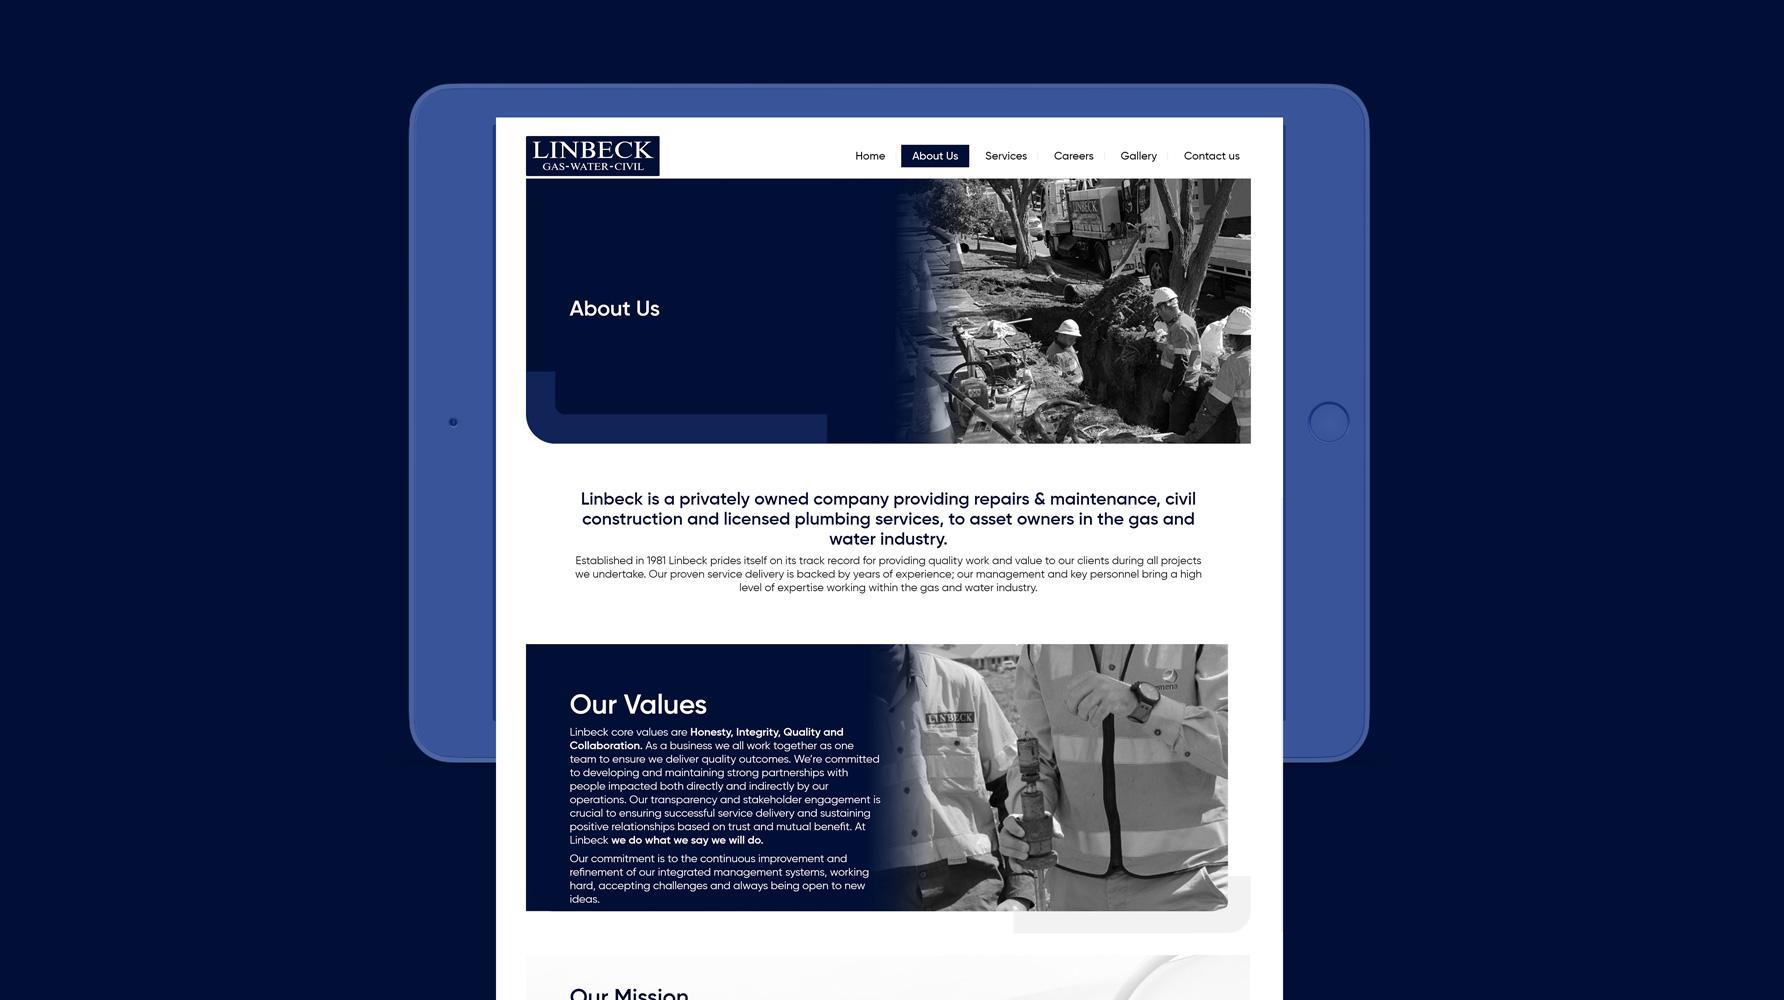 Linbeck Website design